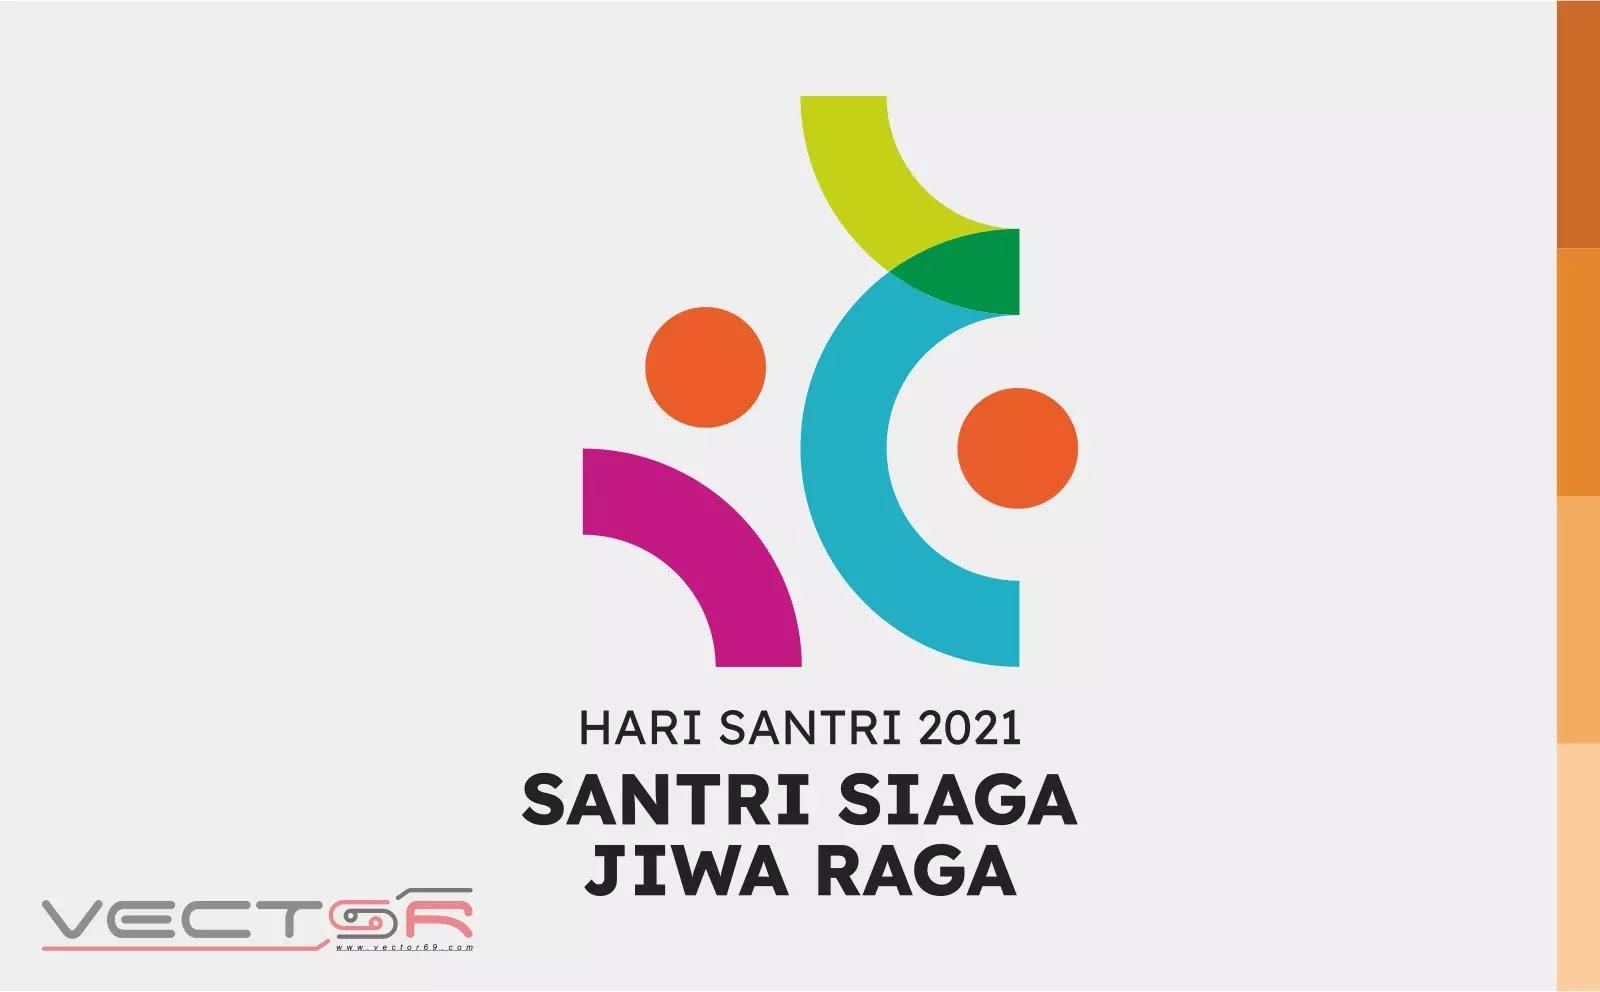 HSN (Hari Santri Nasional) 2021 Kemenag RI Logo - Download Vector File AI (Adobe Illustrator)